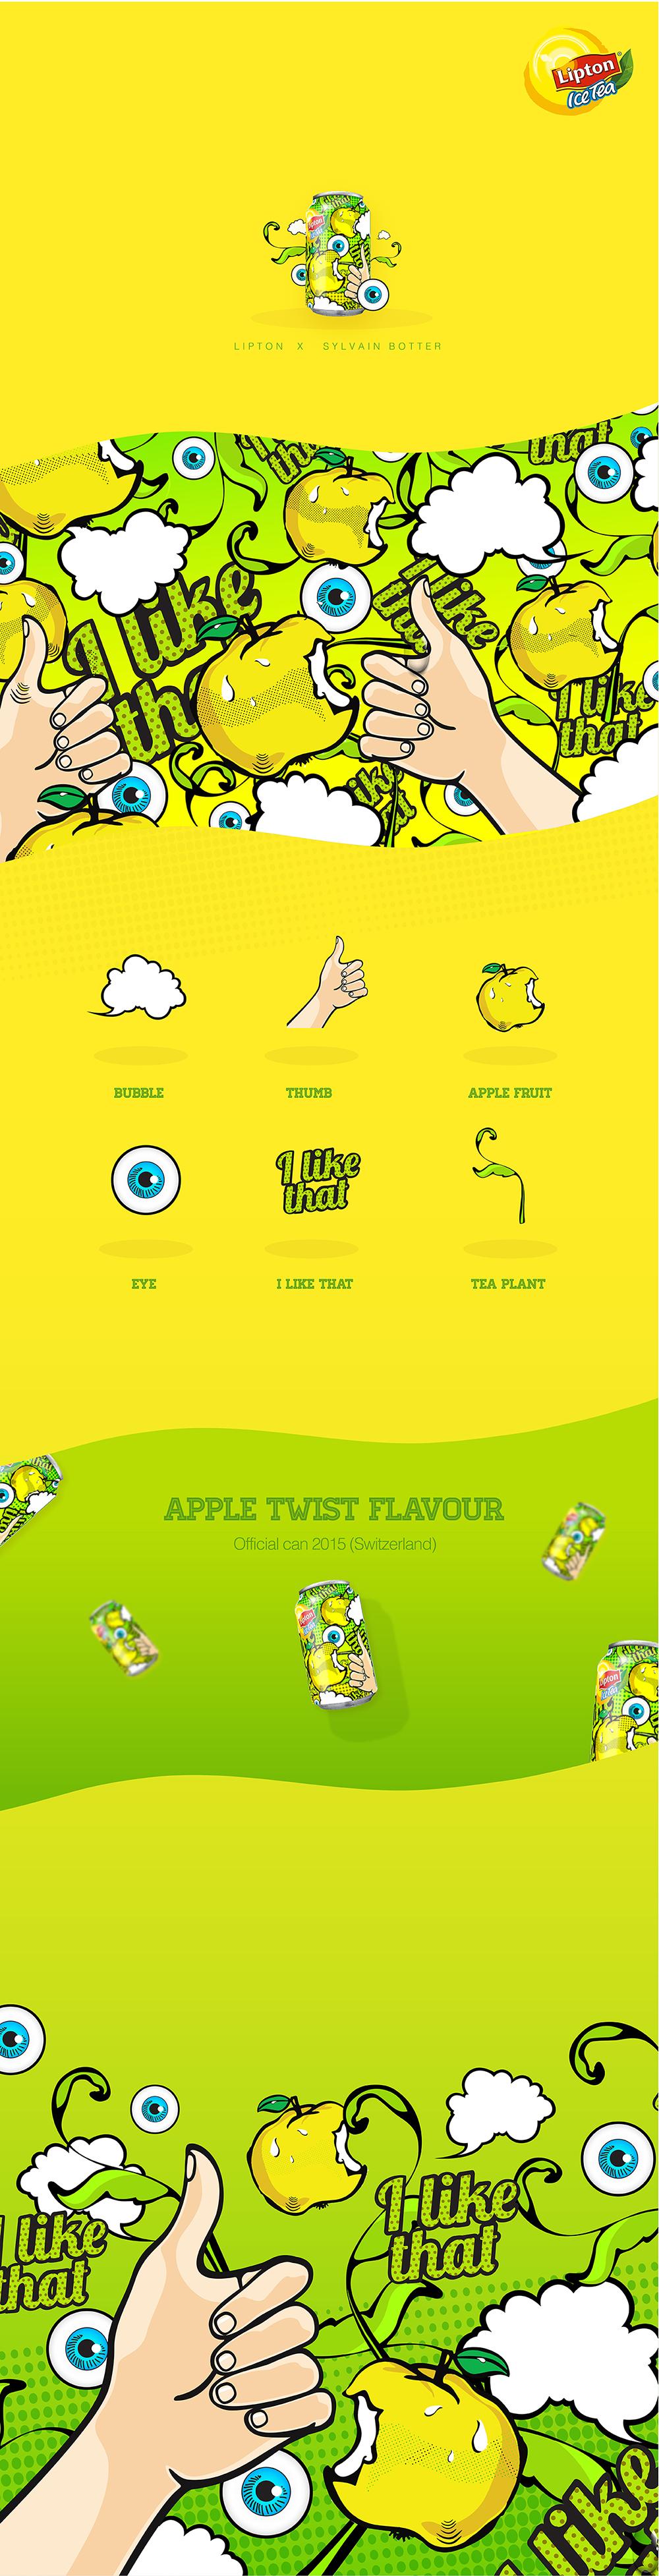 立顿苹果冰茶易拉罐手绘插画包装设计-上海饮料包装设计公司2-设计